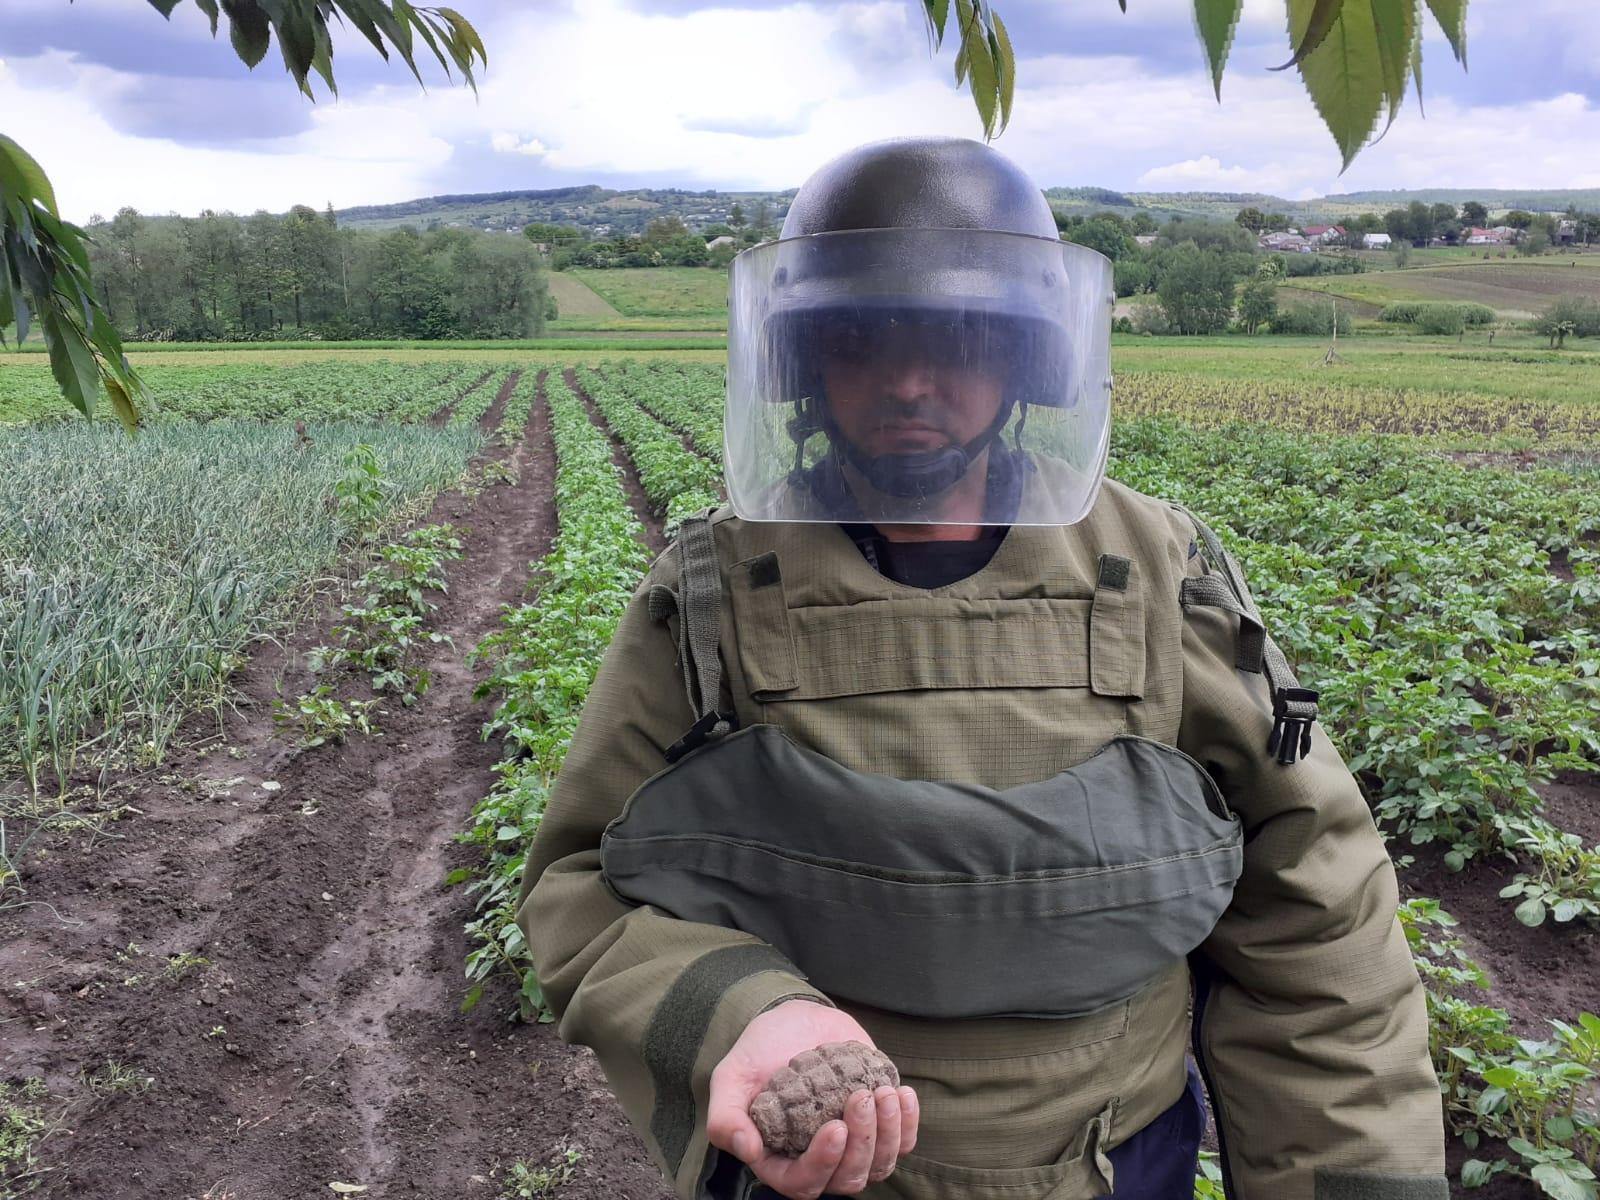 Grenada de mână defensiva cu focosul sectionat, descoperita in gospodăria unui localnic din comuna Vorona